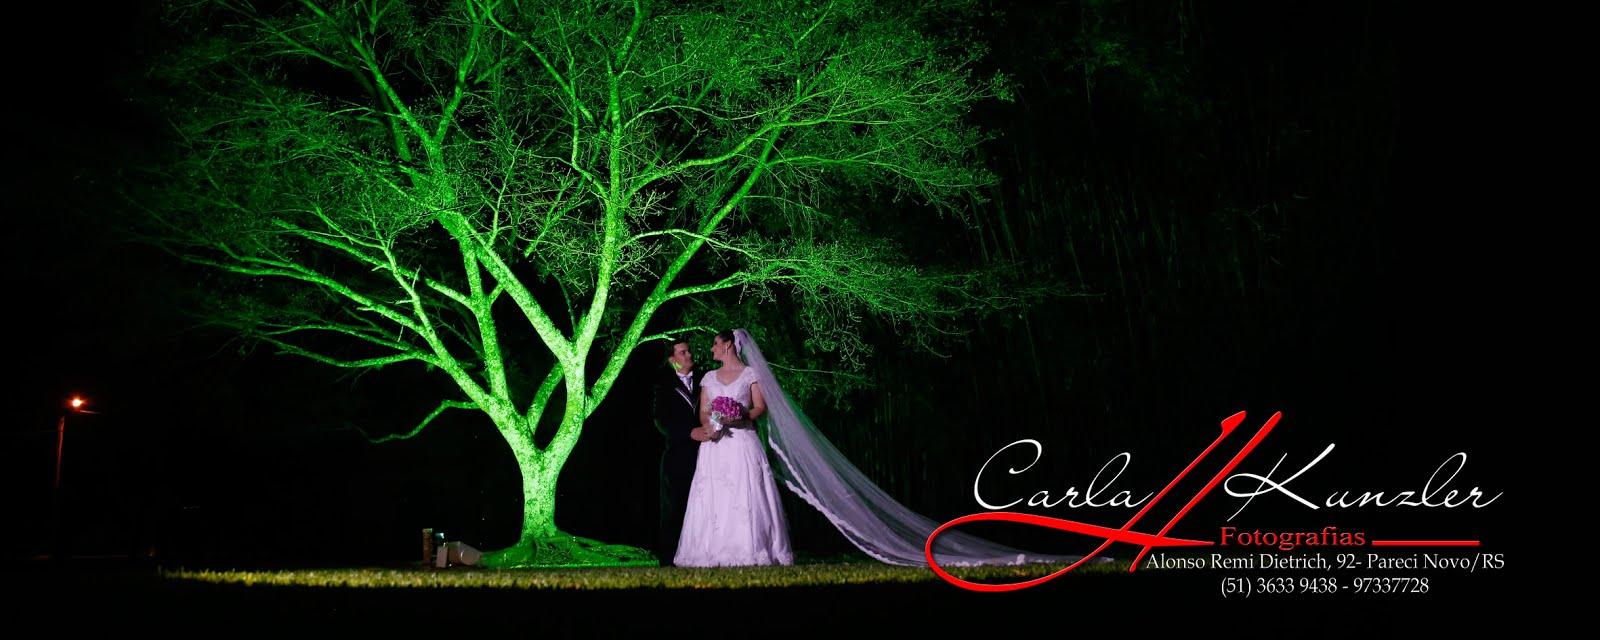 Carla Hoerlle Kunzler - Fotografias